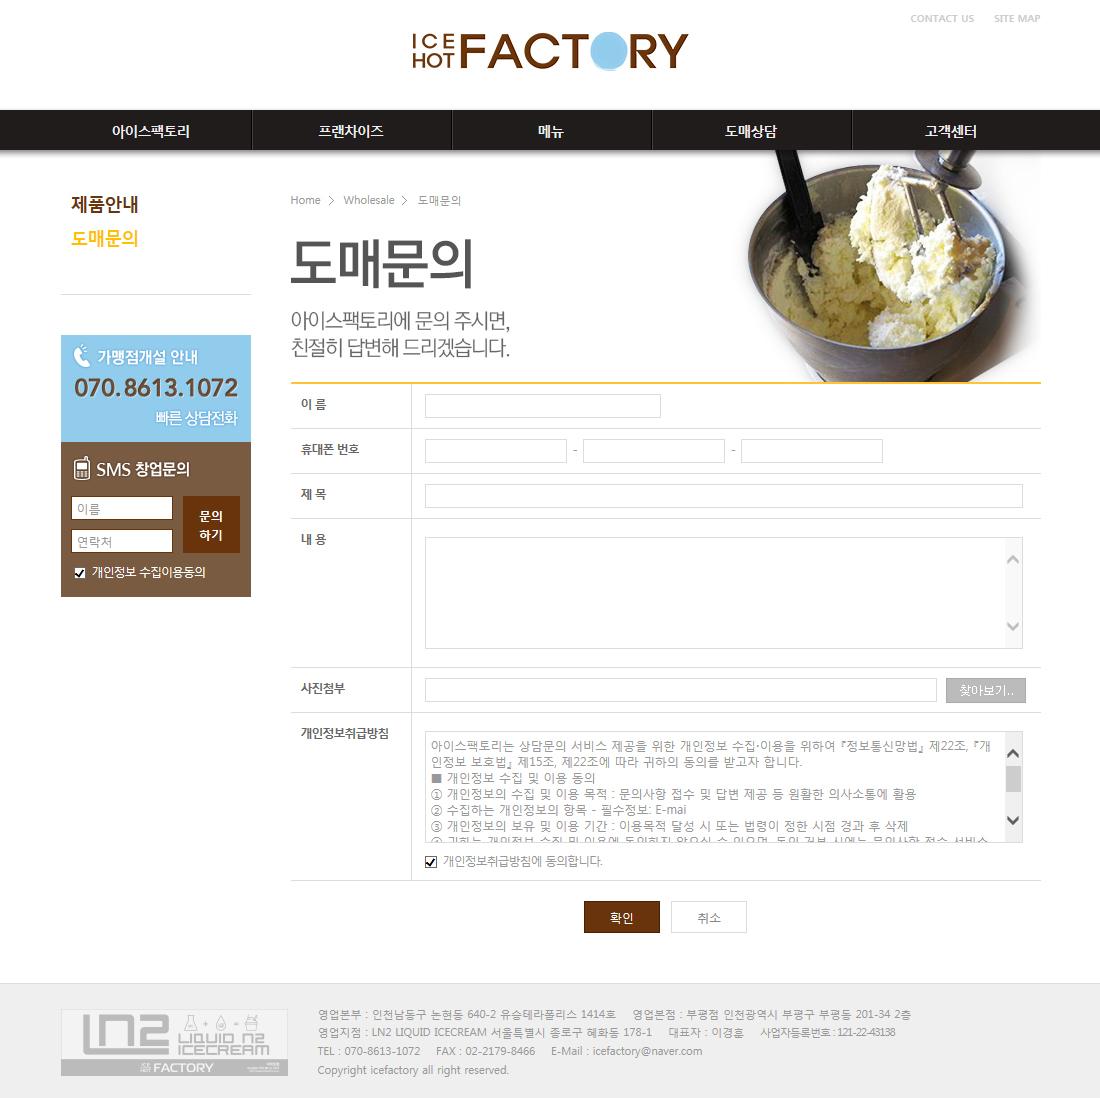 icefactory_03